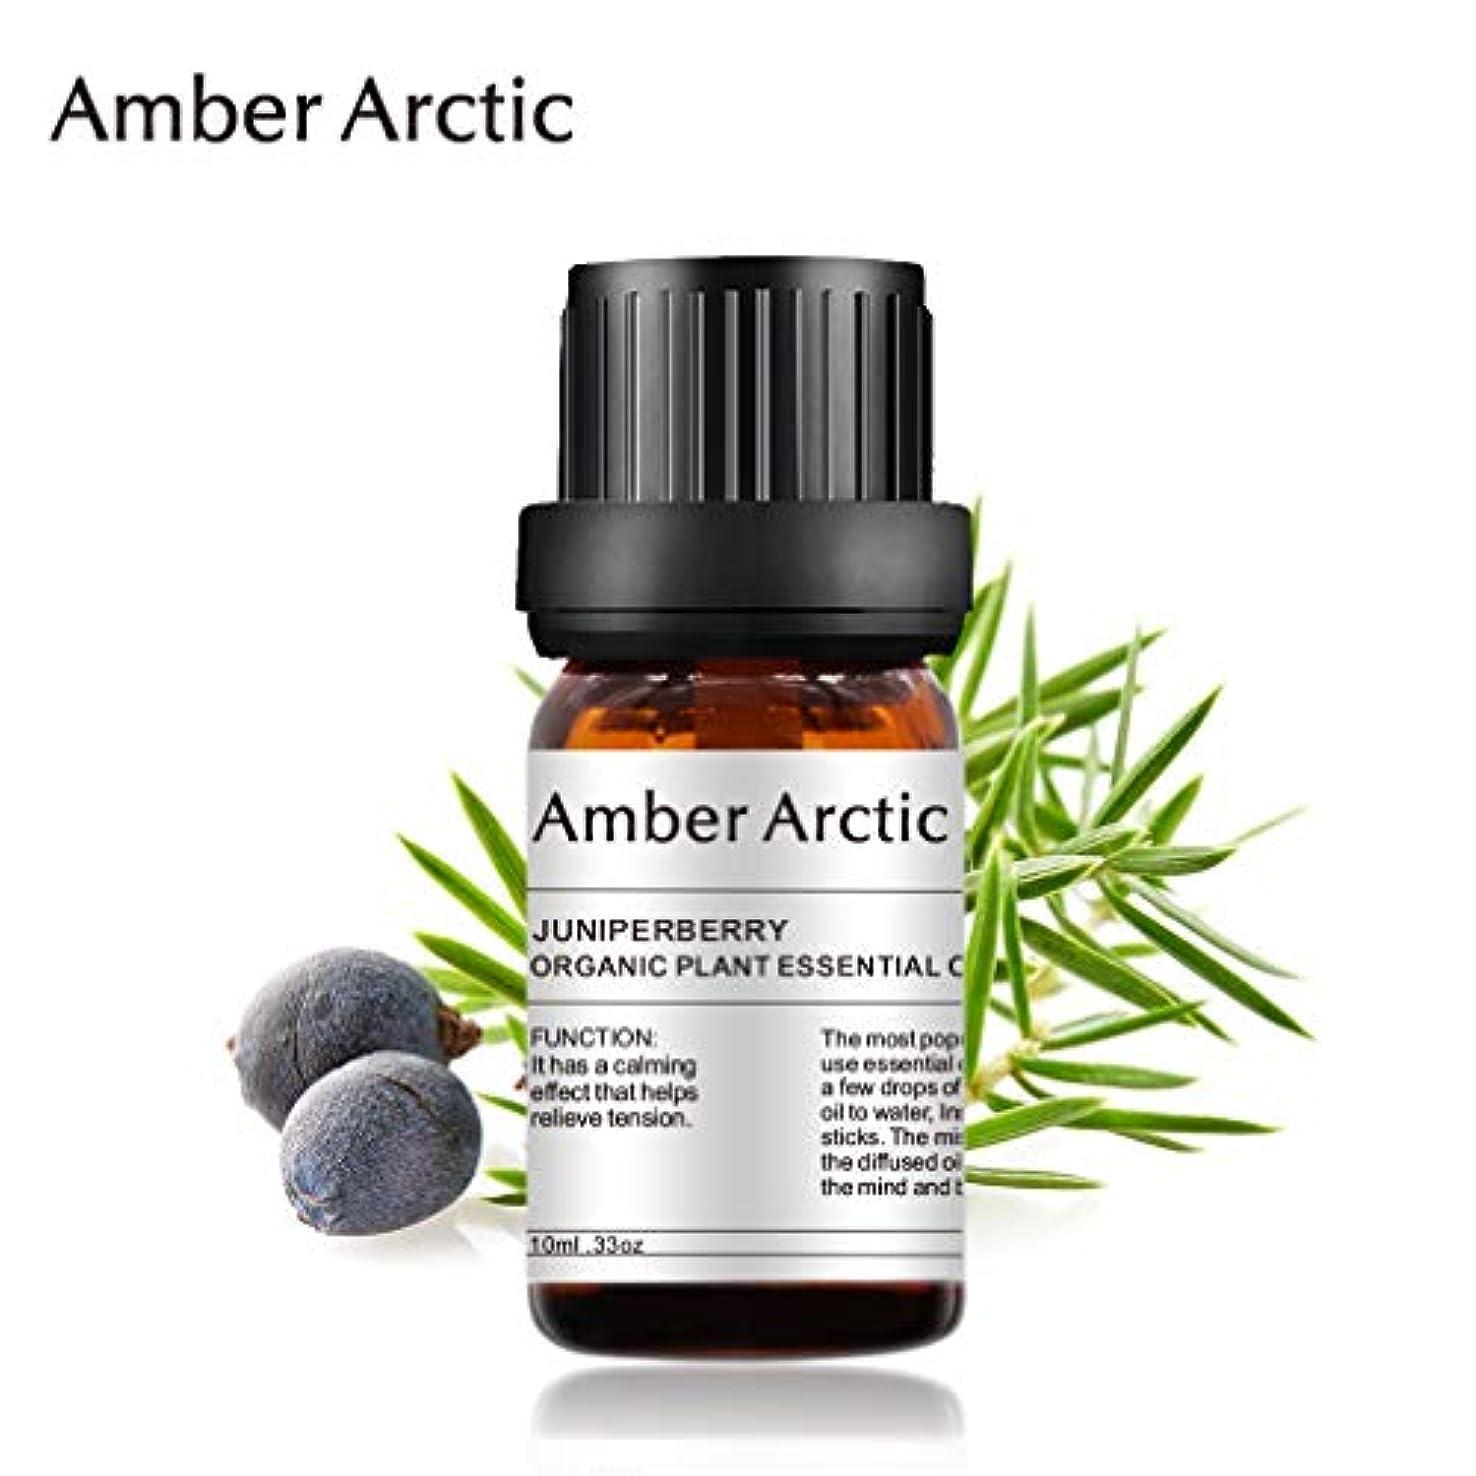 甘美な鉛祭司AMBER ARCTIC エッセンシャル オイル ディフューザー 用 100% ピュア フレッシュ 有機 植物 療法 オイル 0.33 オンス 10ML ジュニパーベリー